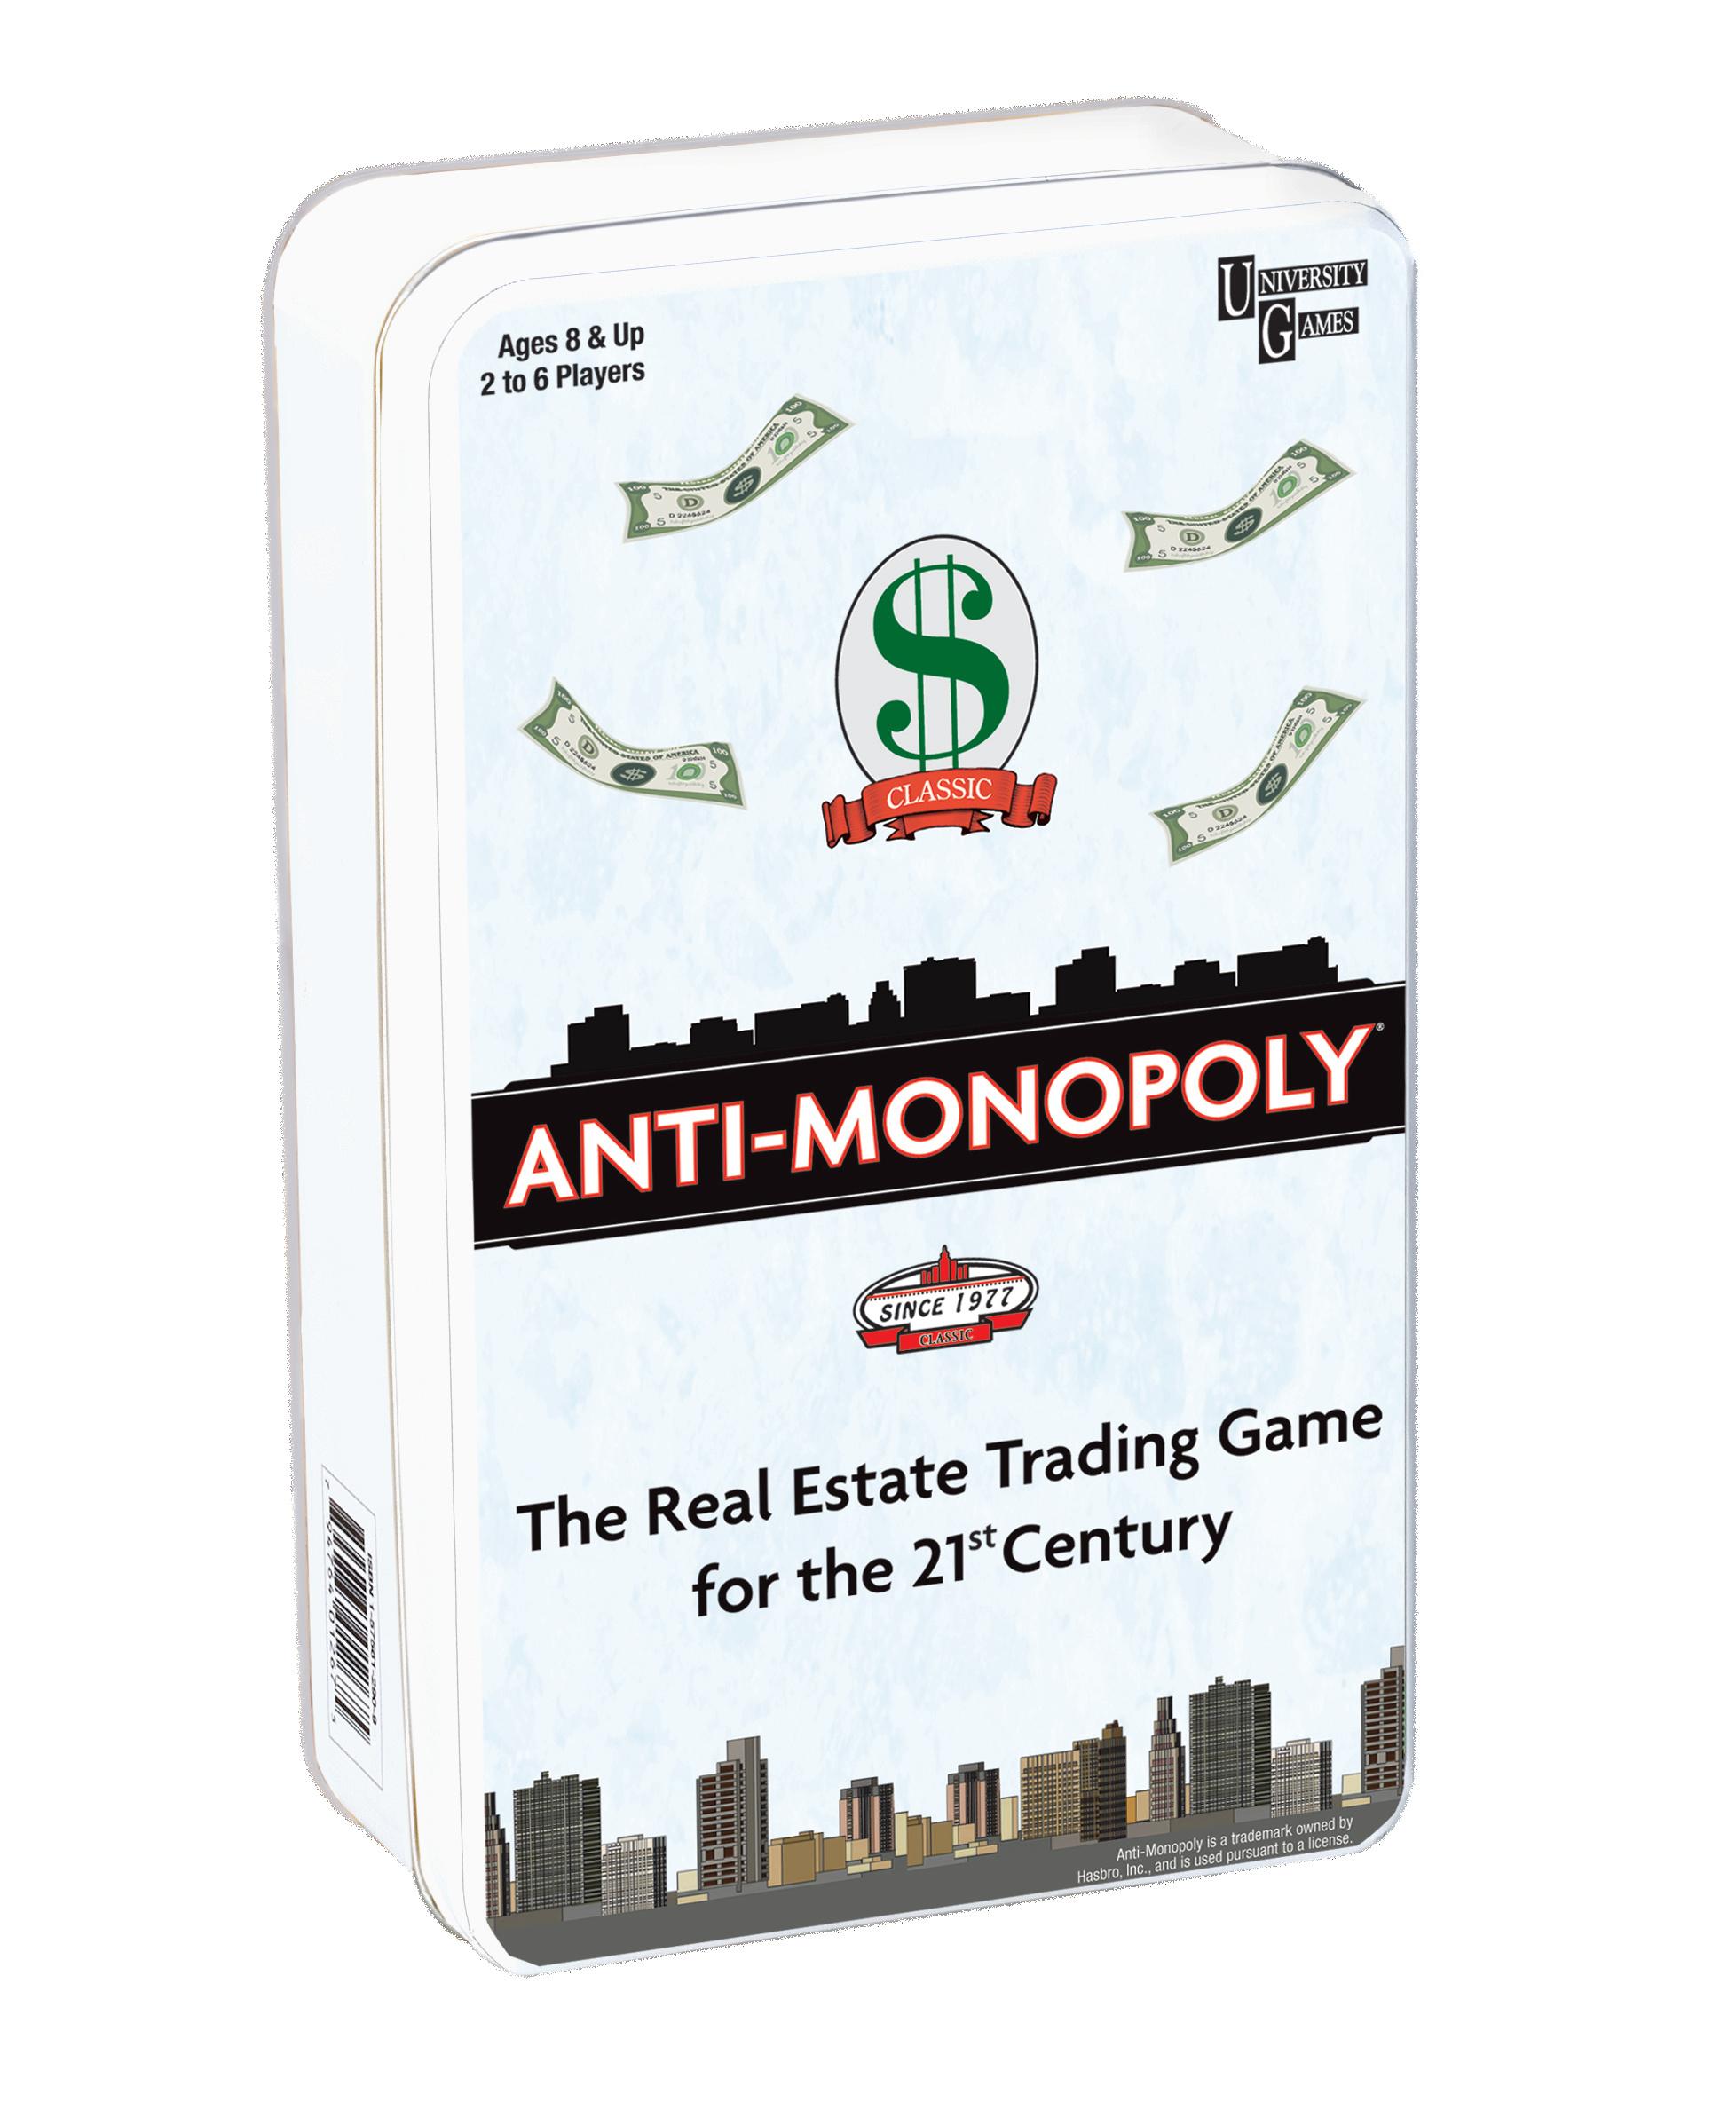 01487_Anti-MonopolyTin